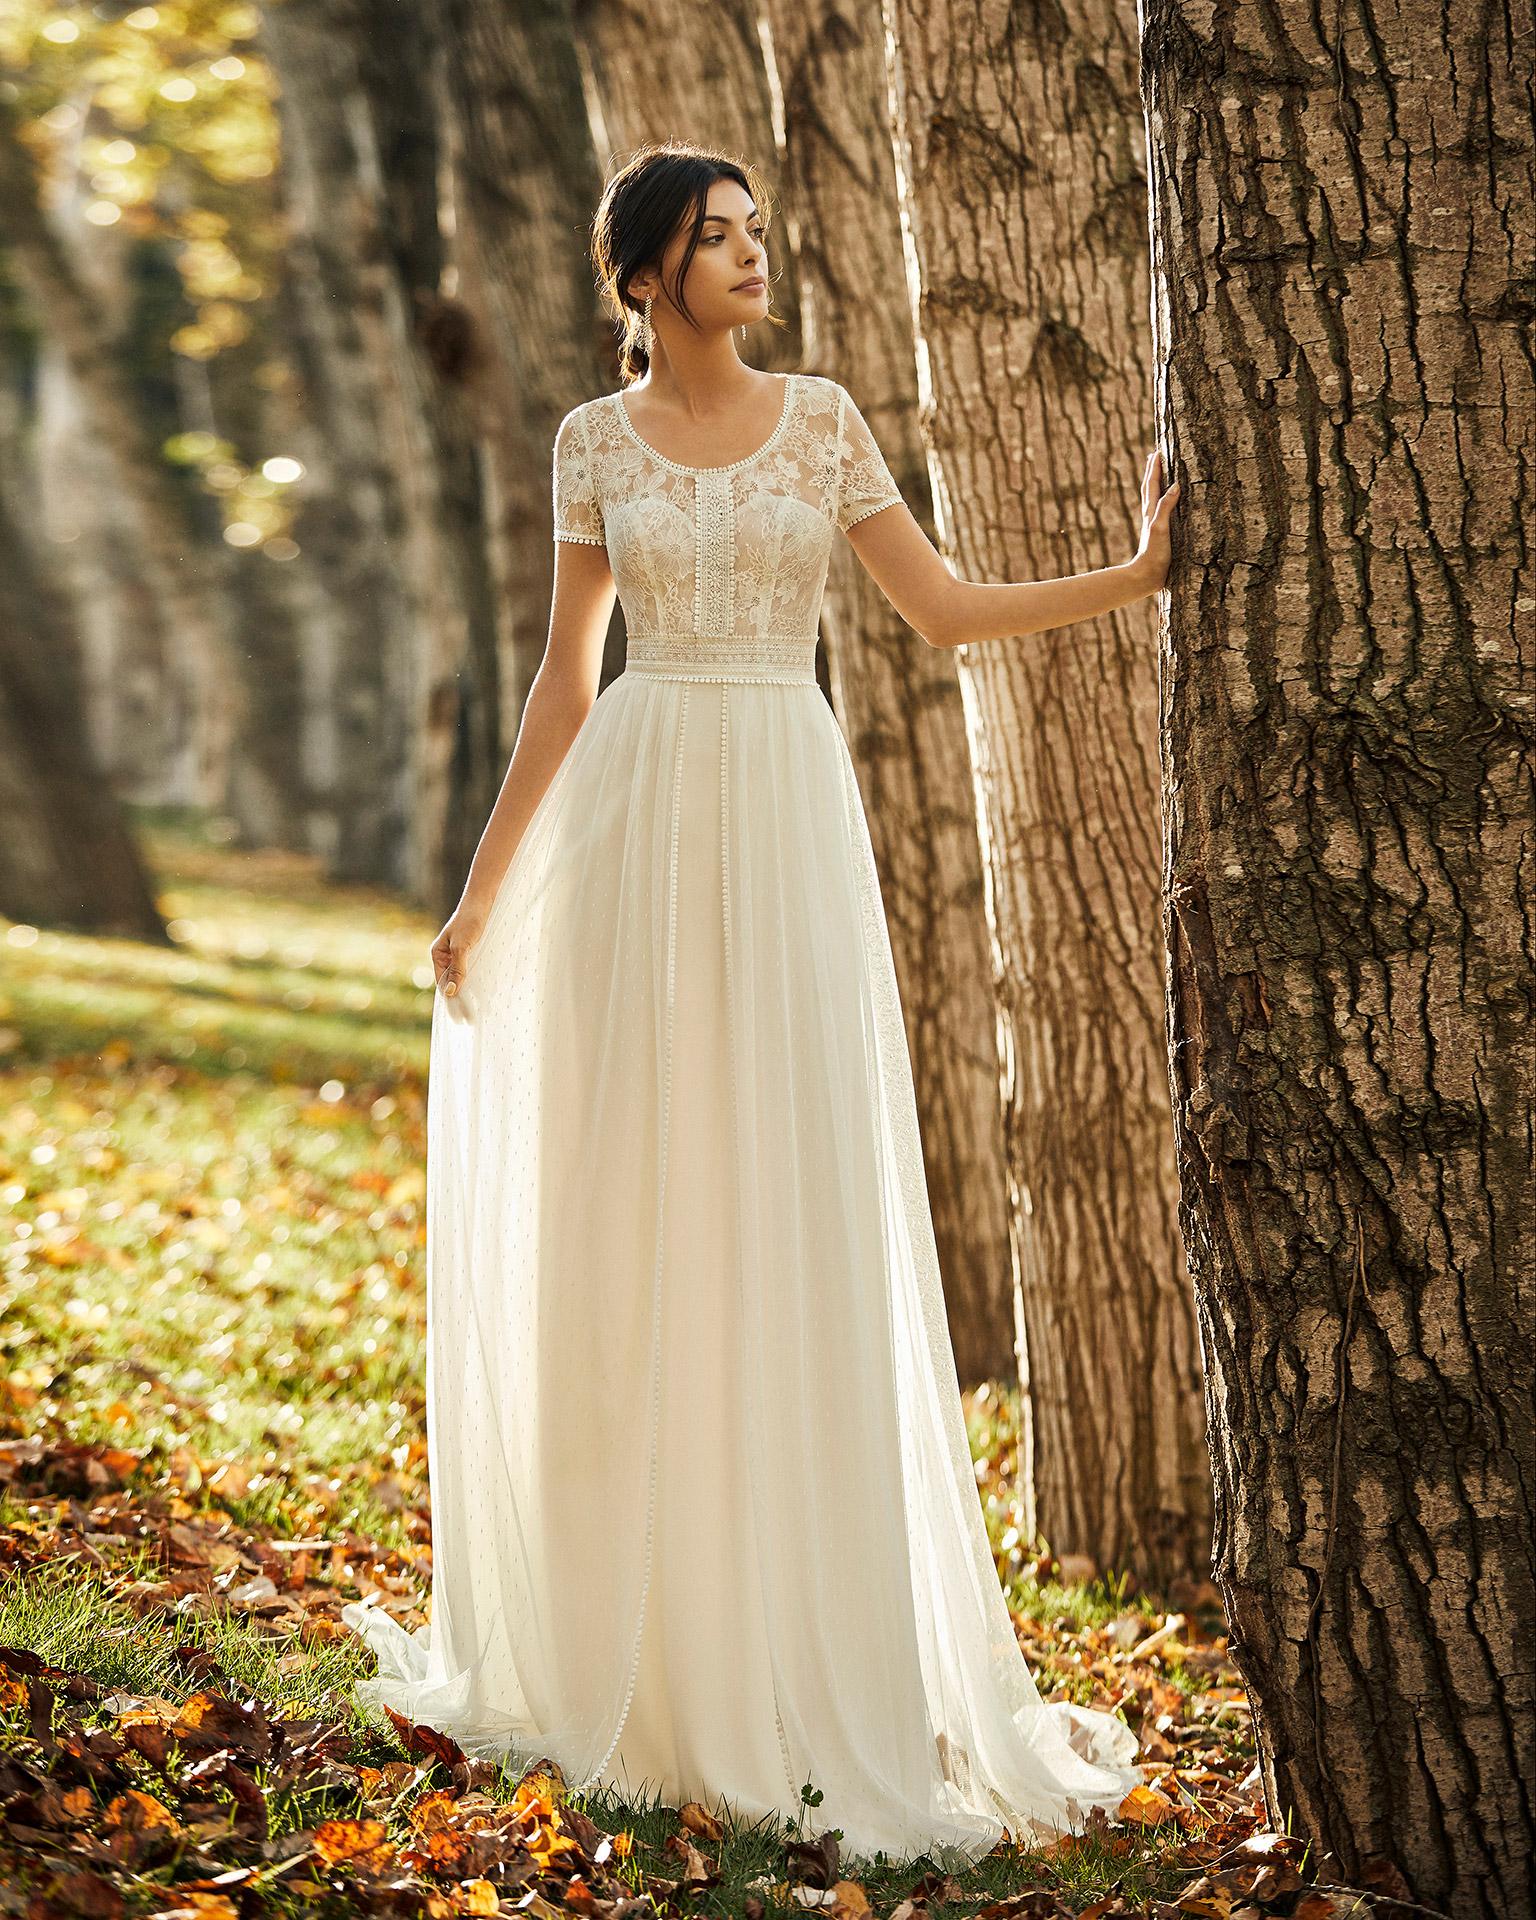 Vestido de novia estilo boho de georgette, encaje y tul plumetti con escote redondo y espalda cerrada. Colección ALMA_NOVIA 2020.